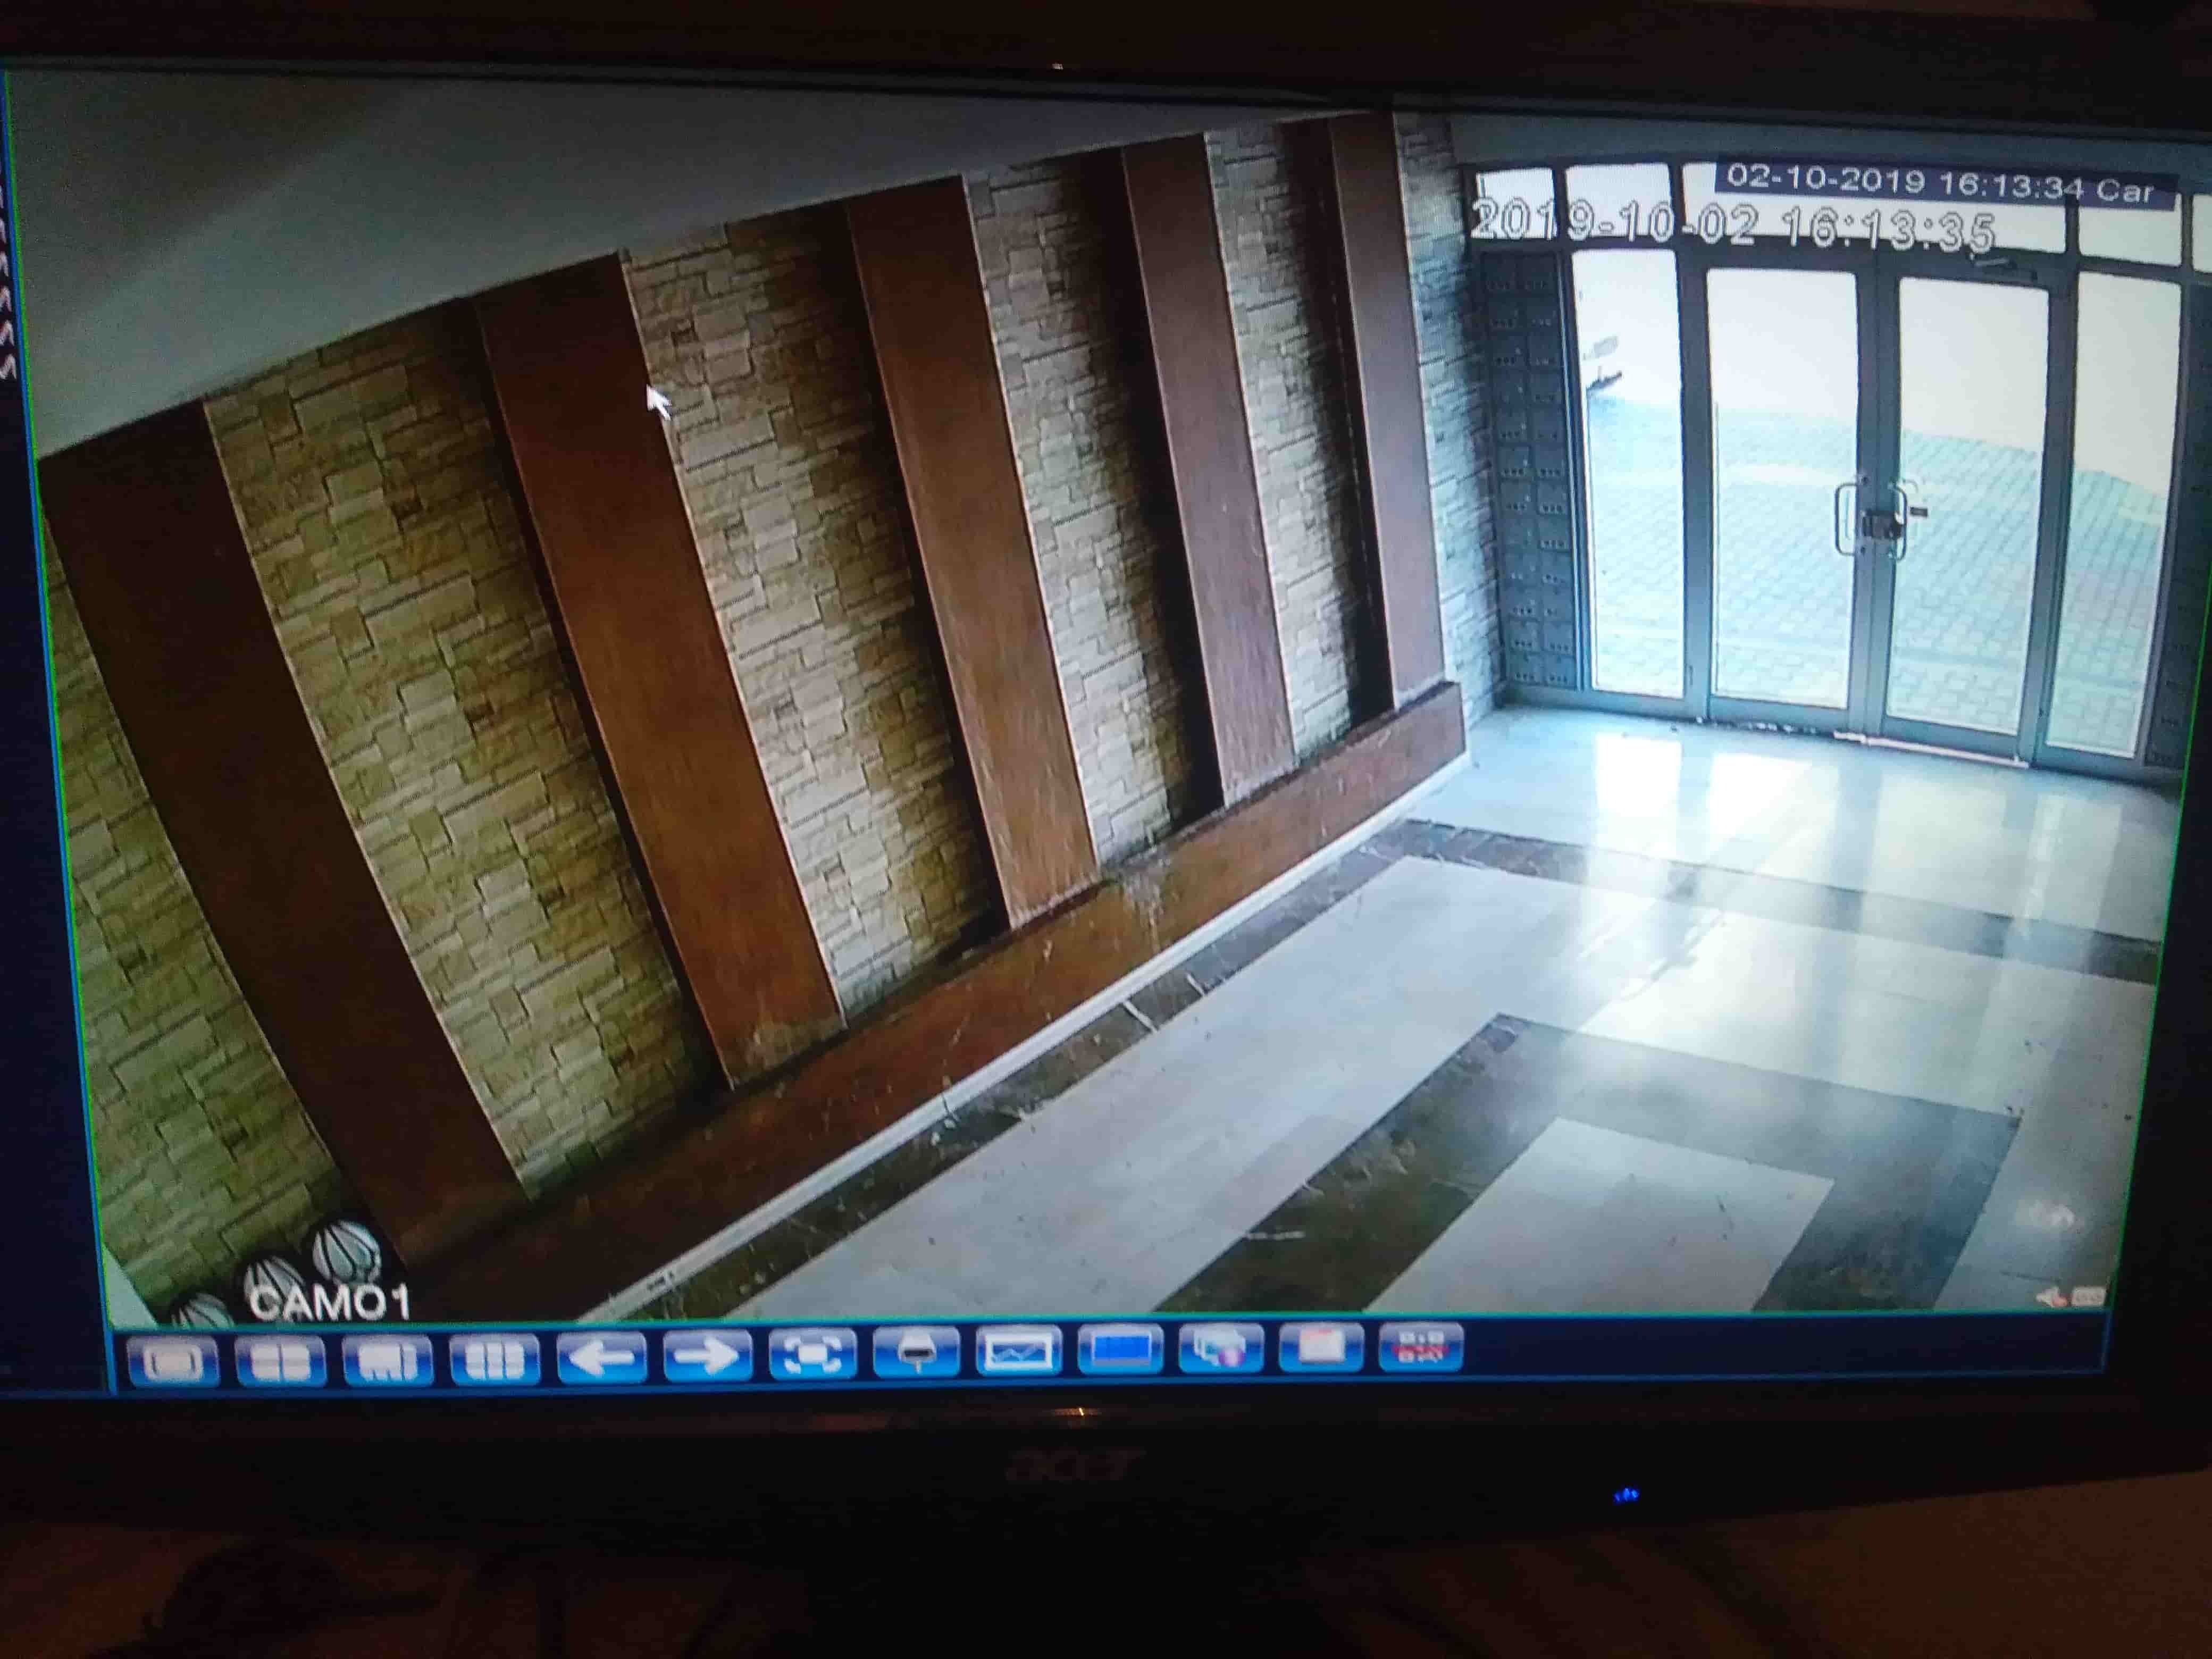 Müşterilerimize Satış Montaj ve Kurulum Yapacağımız İç Ortam Güvenlik Kamerasının Görüntüsü